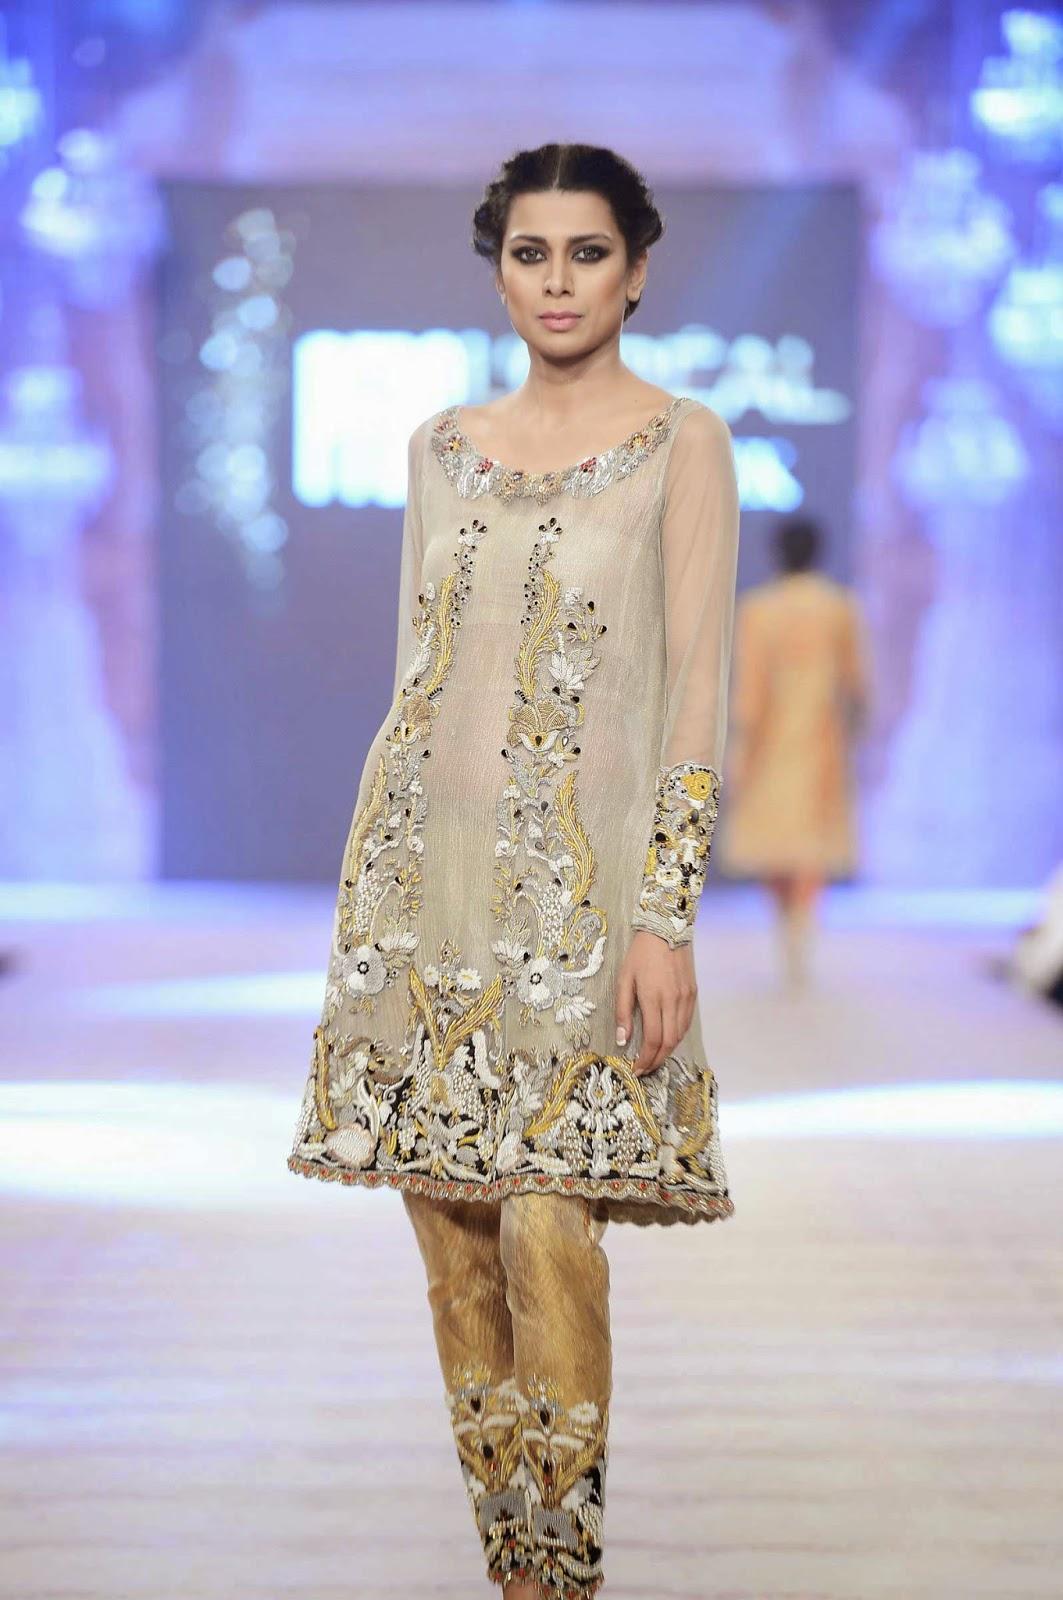 Ammara Khan At Plbw 2014 Pakistan Fashion Week Pakistan